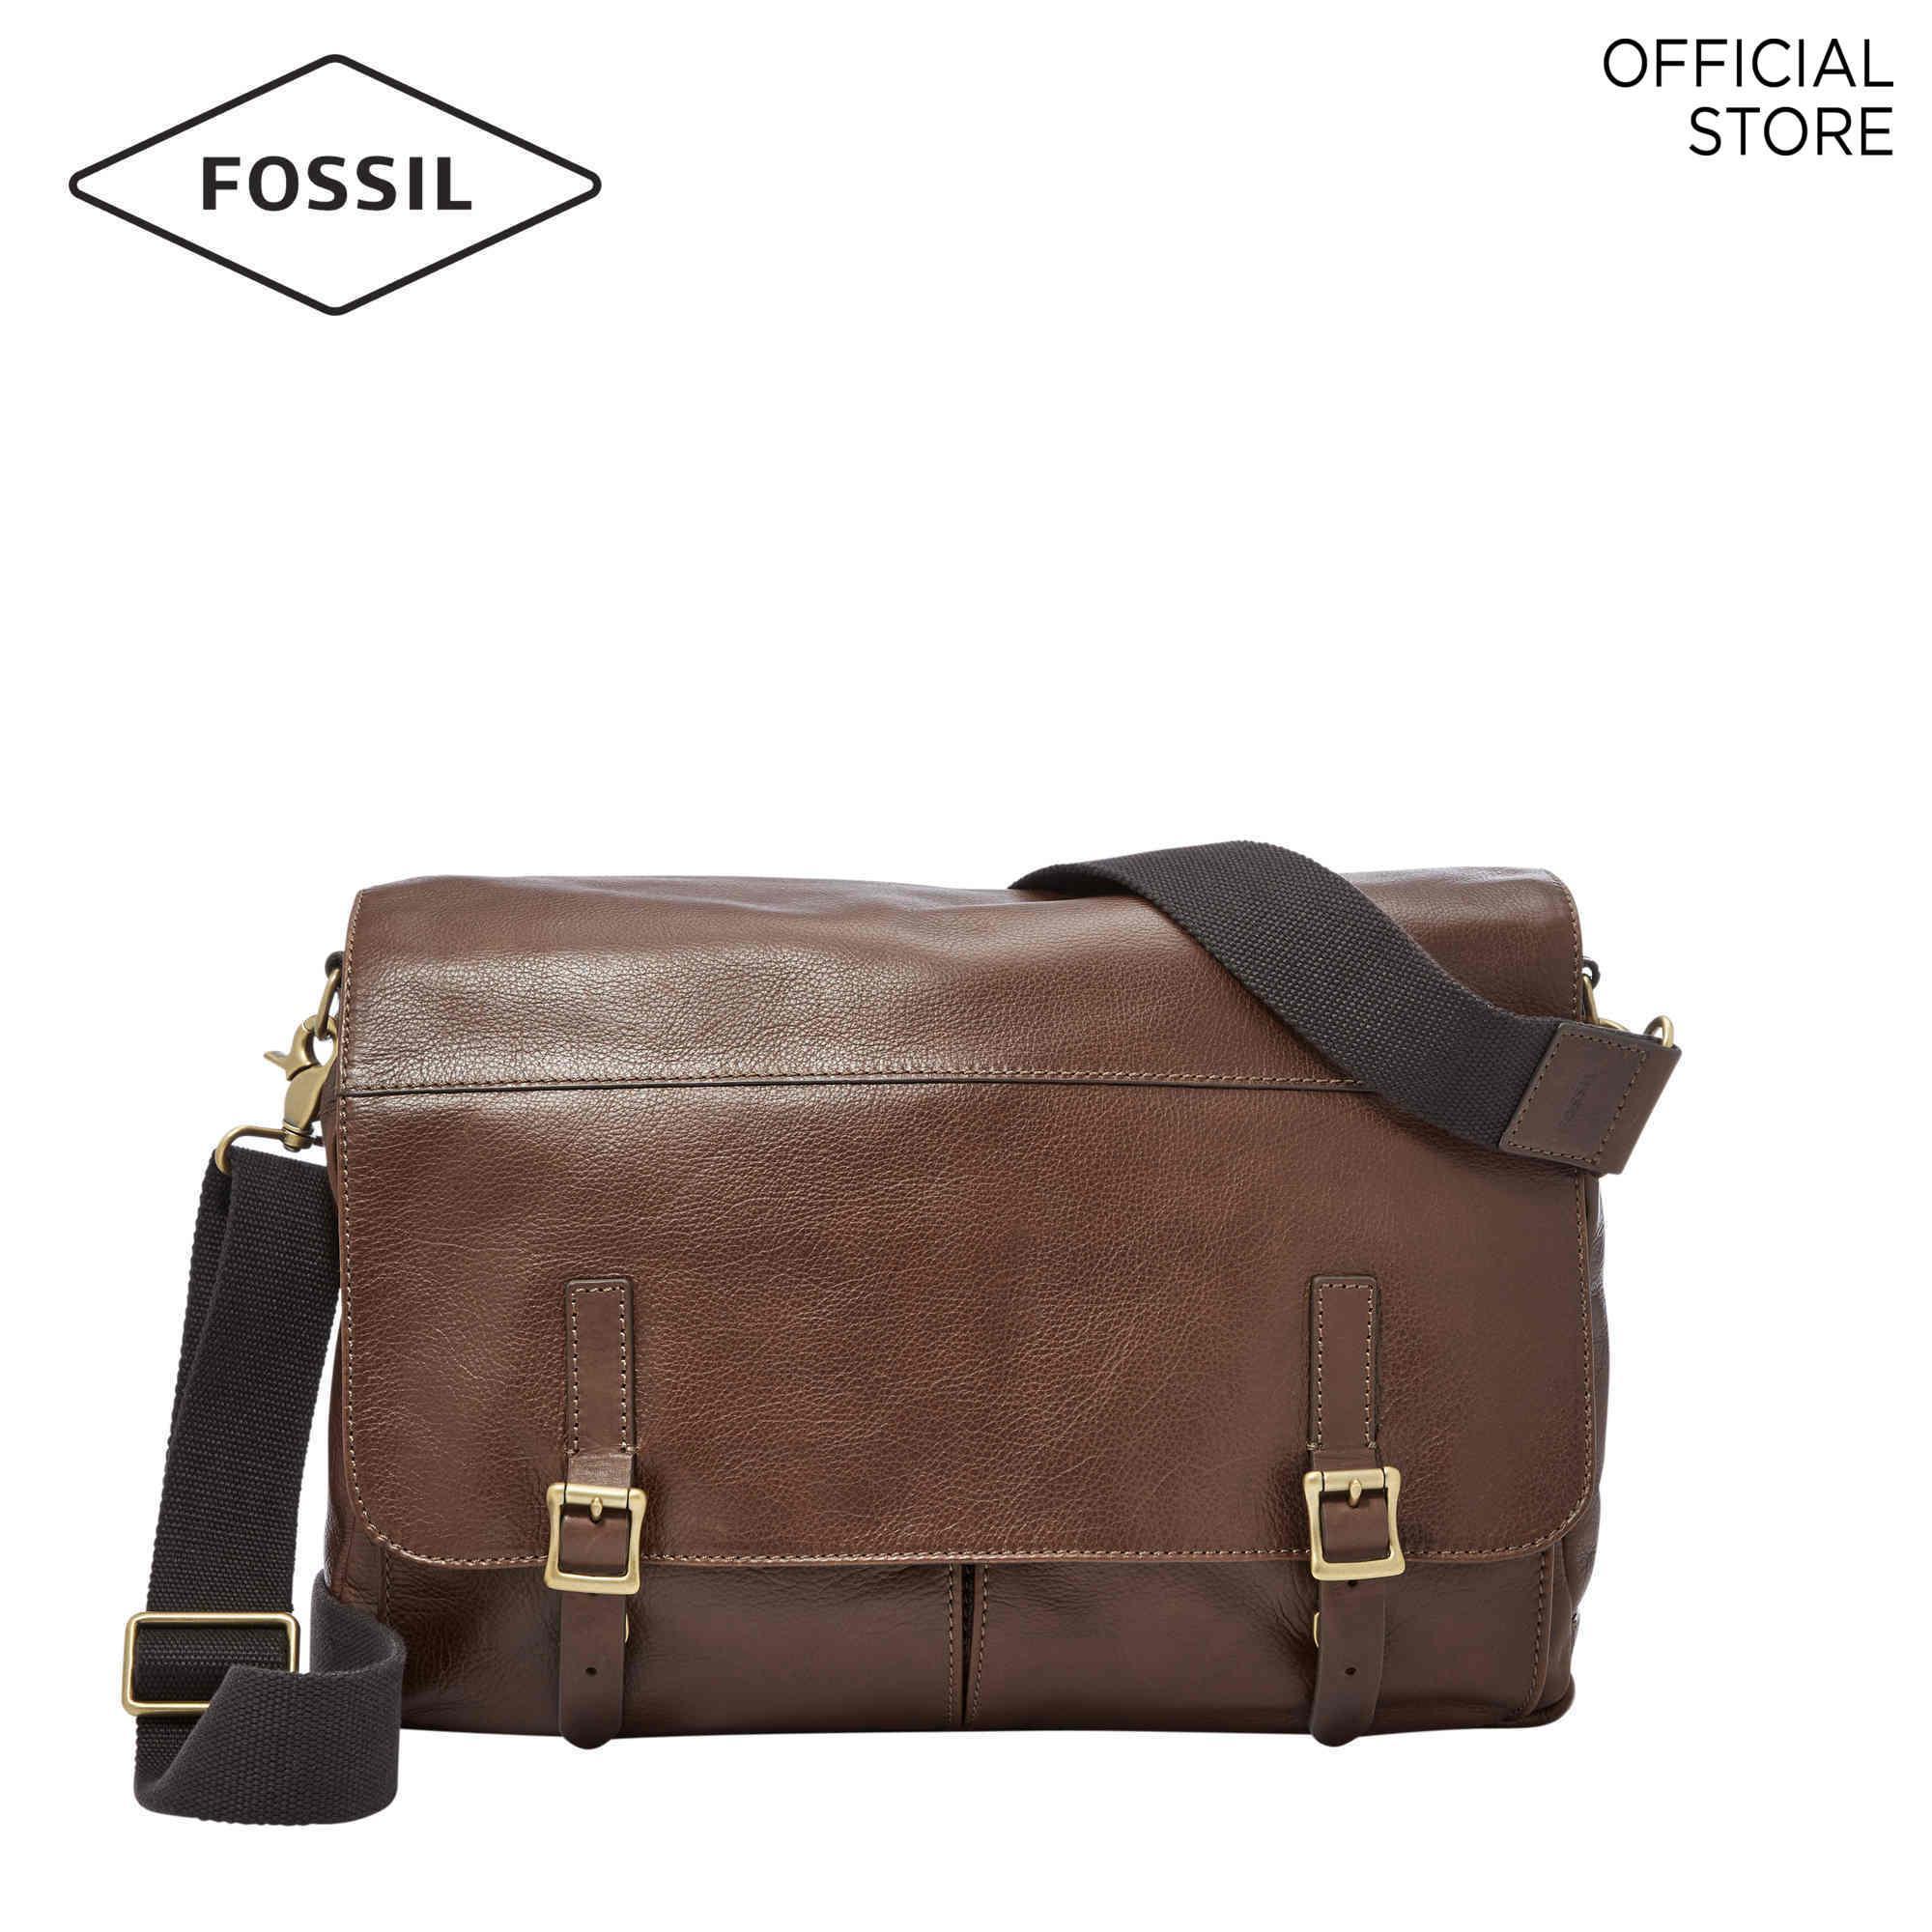 Fossil Defender Brown Messenger Bag MBG9037C200